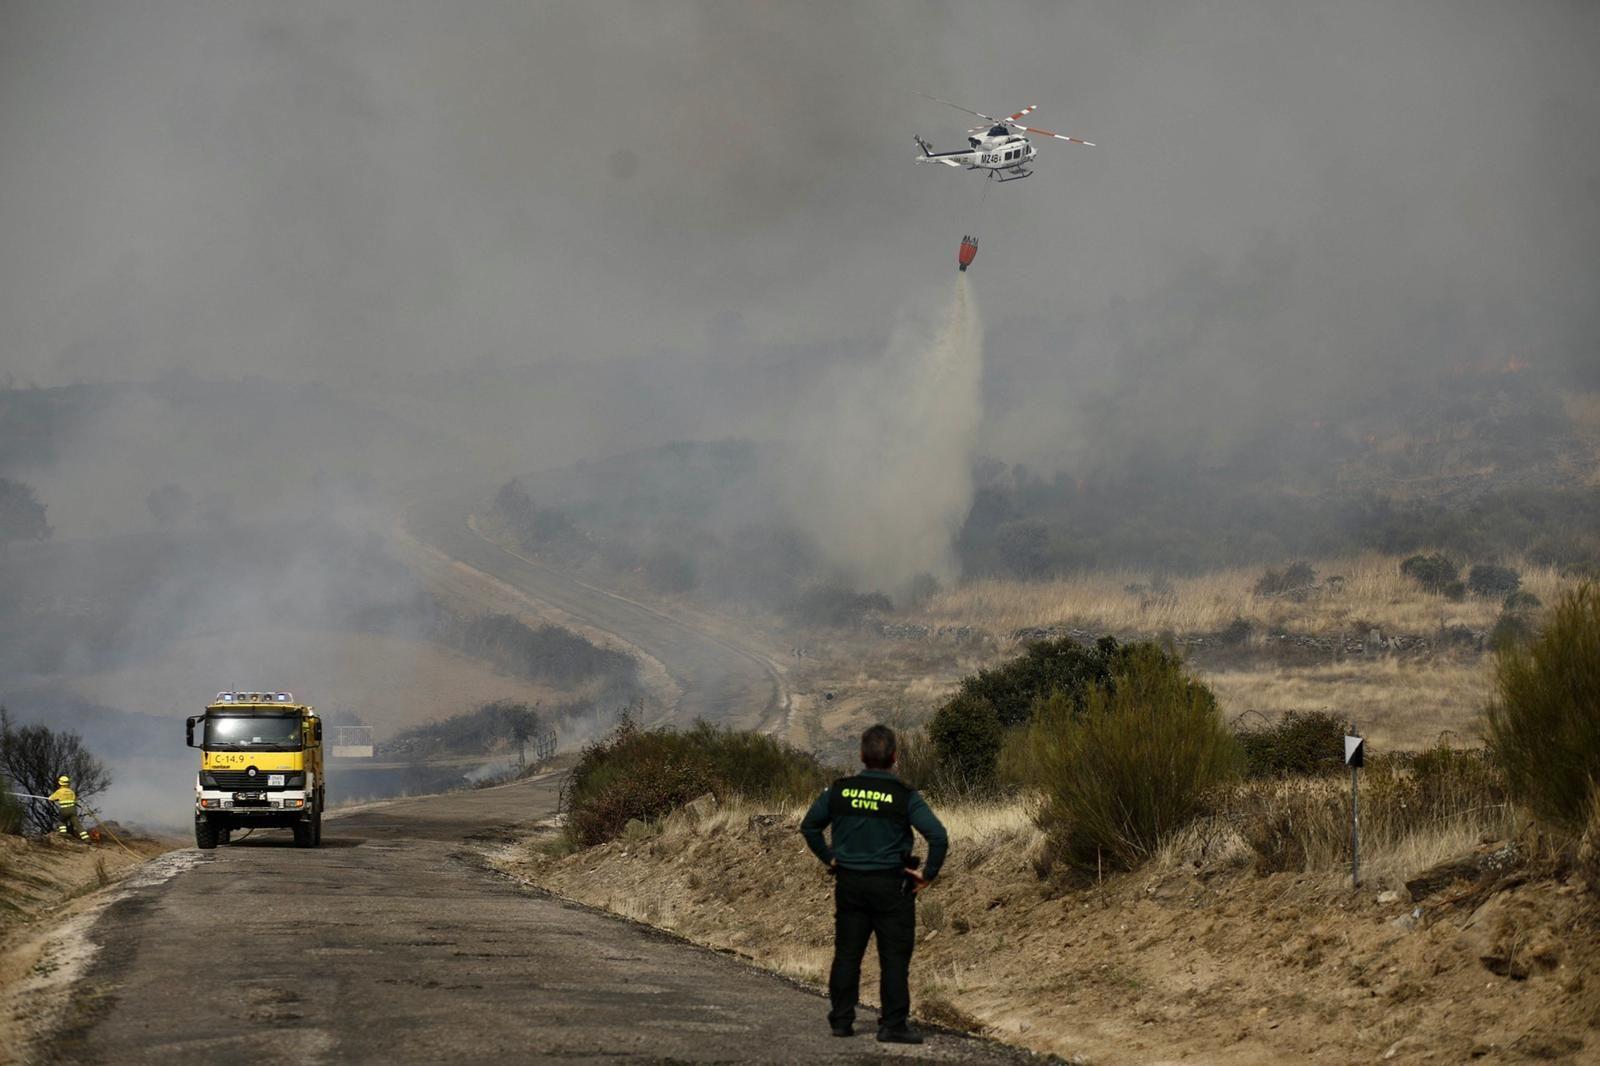 GALERÍA | Las imágenes del incendio de Carbajosa de Alba, en Zamora